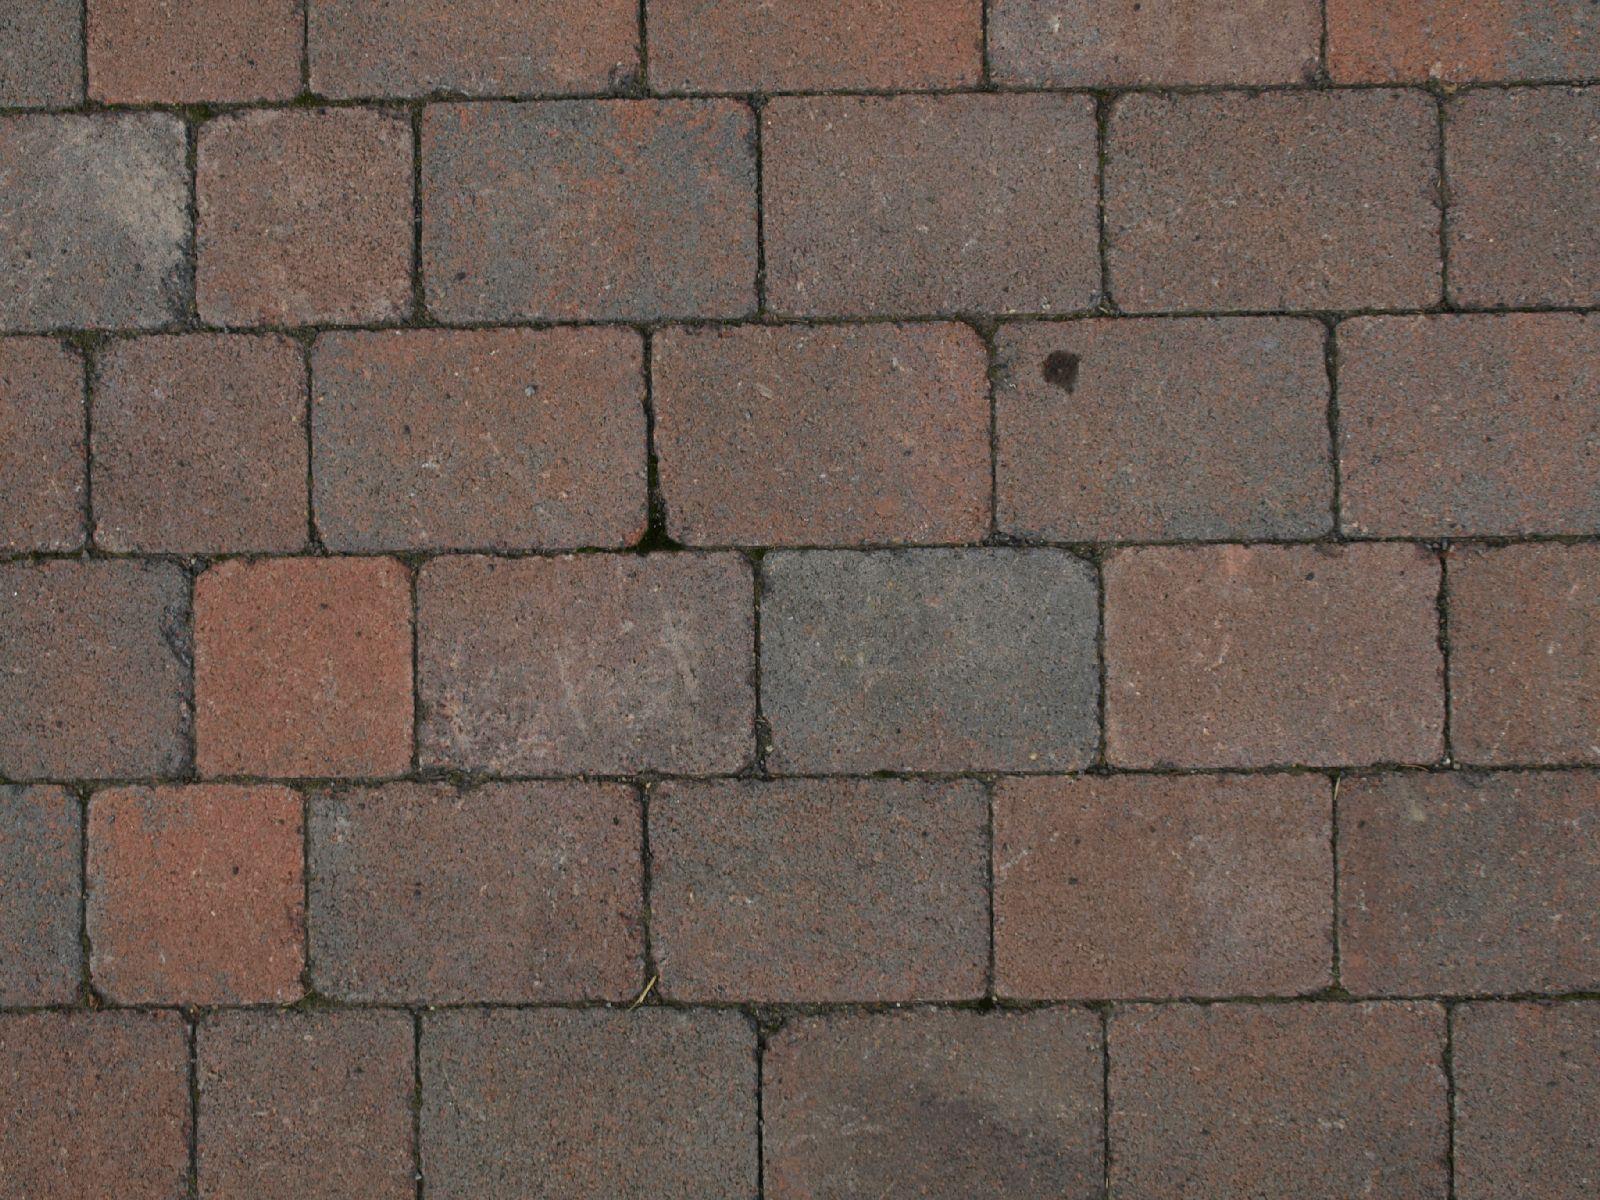 Boden-Gehweg-Strasse-Buergersteig-Textur_A_P9195128